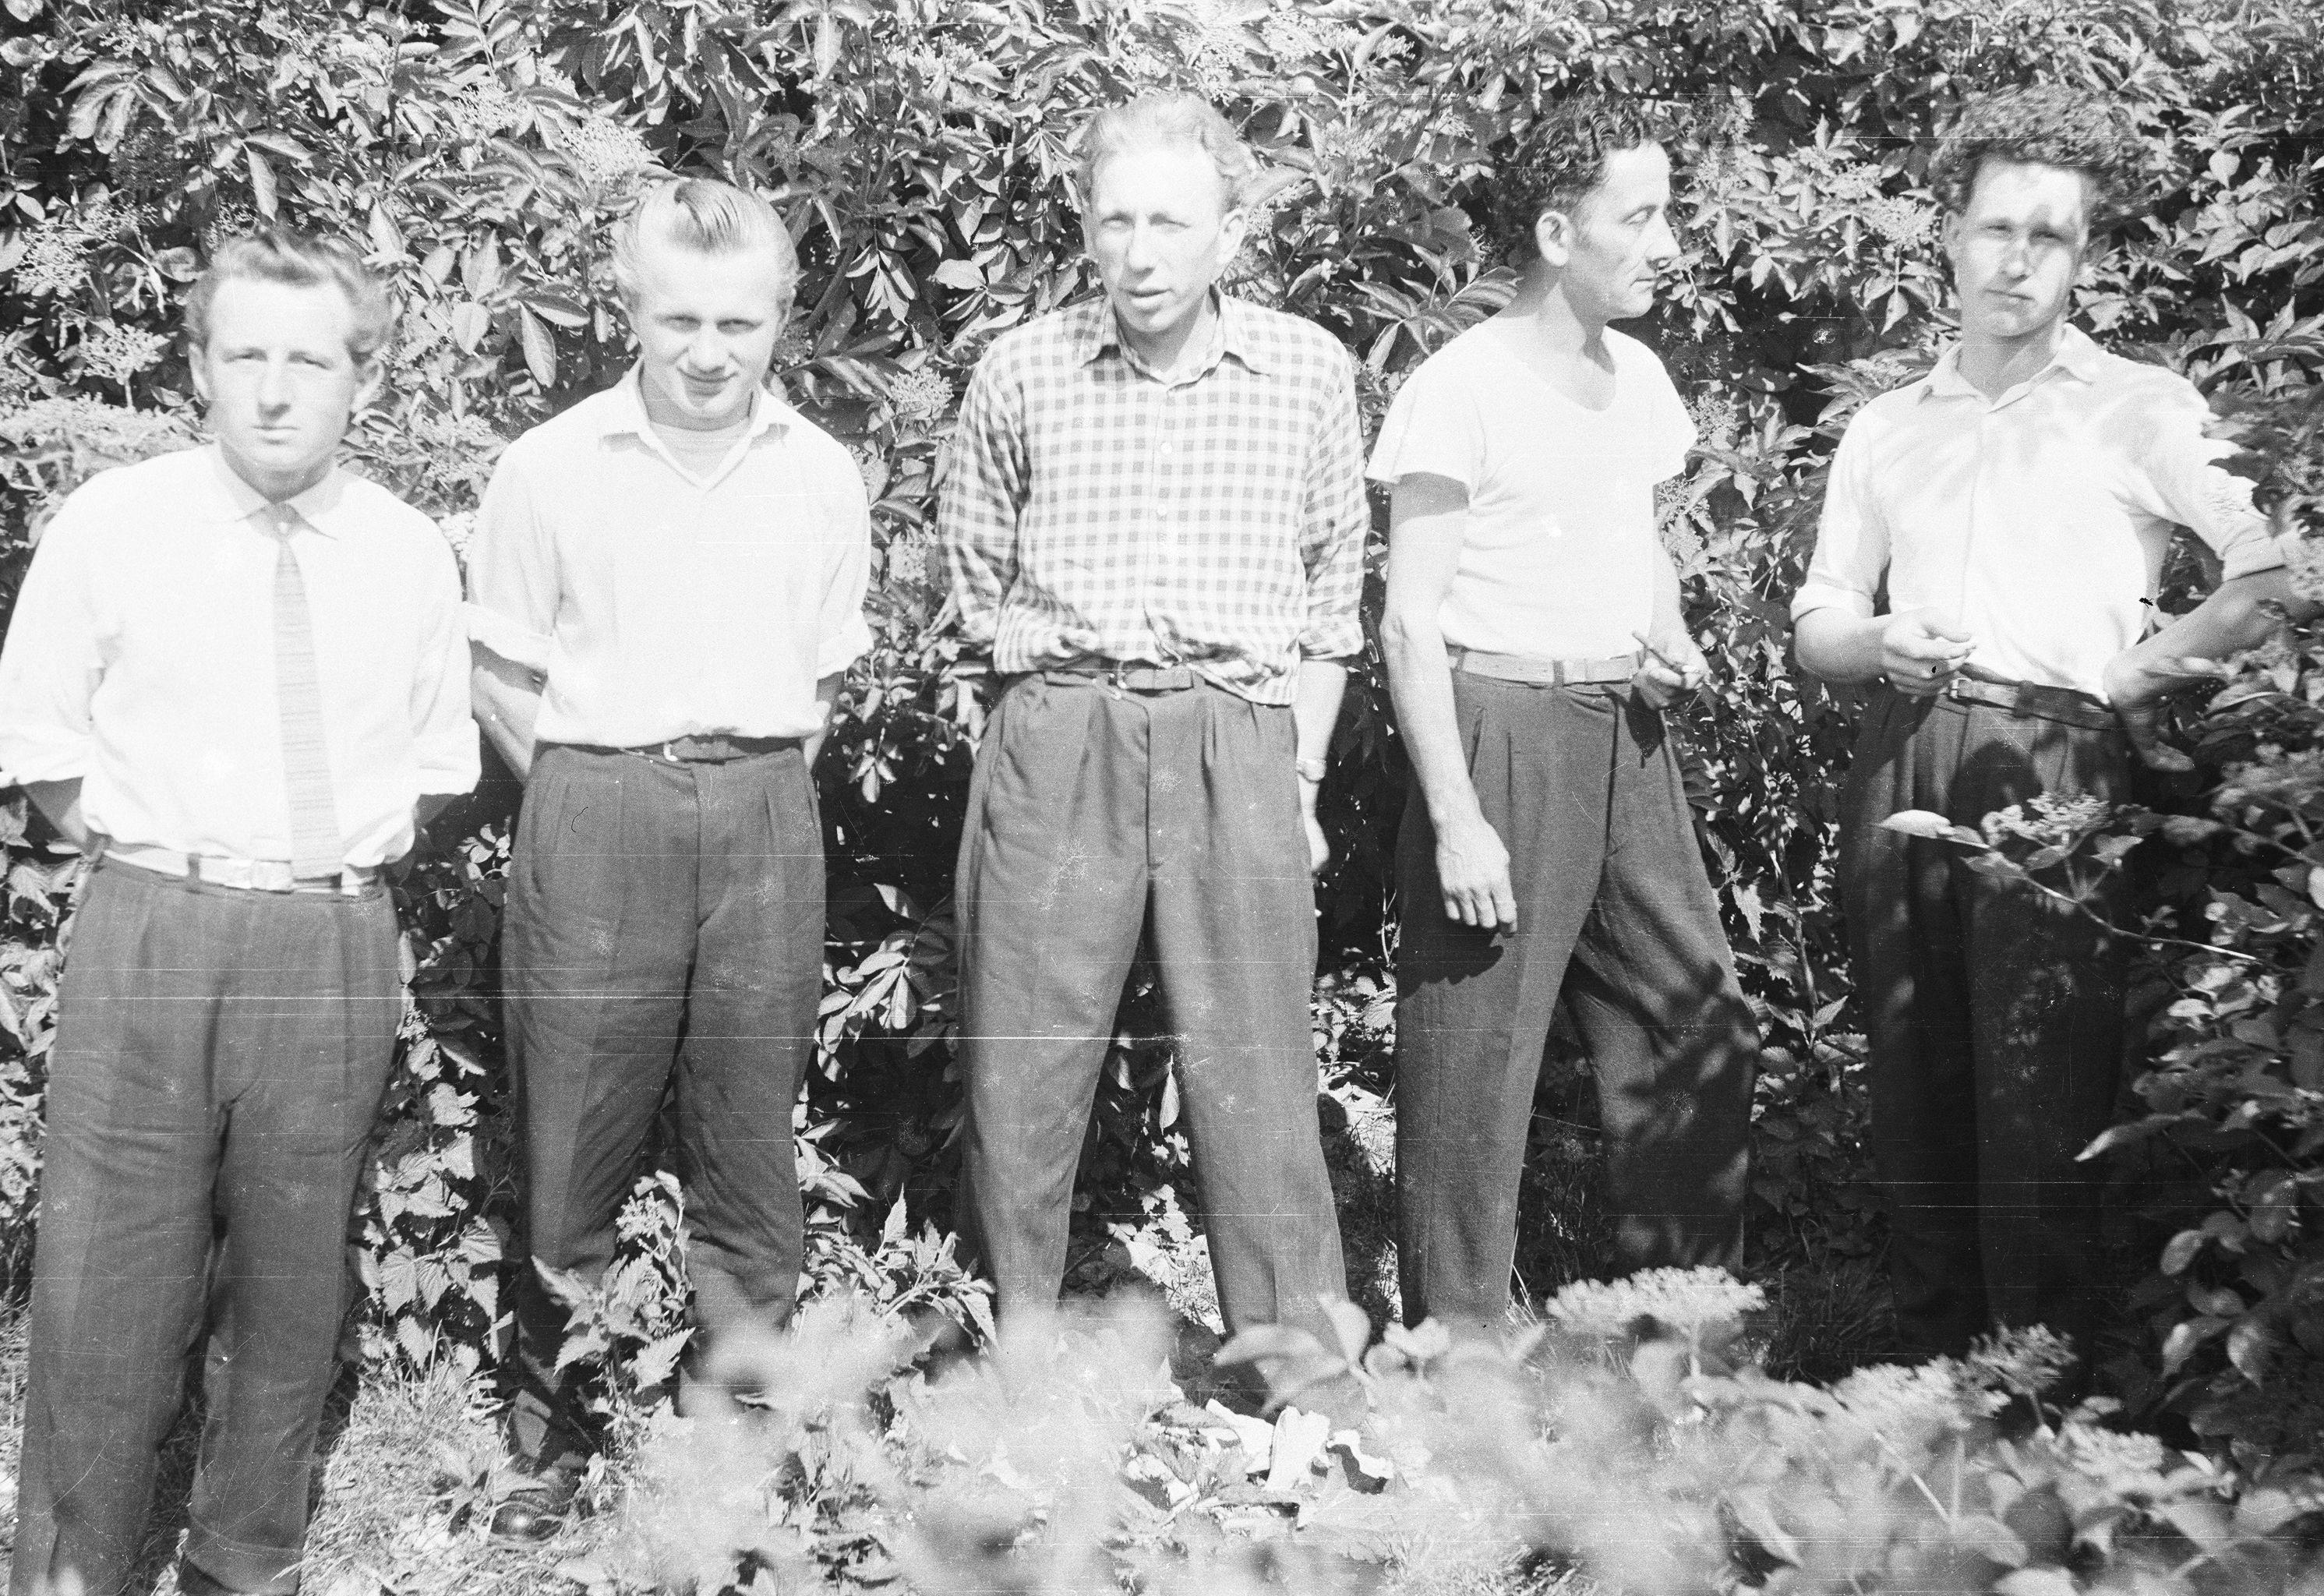 Drugi od lewej: Władysław Jaroń, trzeci: Józef Jaroń, piąty: Bronisław Gruszkowski, Rudawa, Dolny Śląsk, lata 50. XX w.